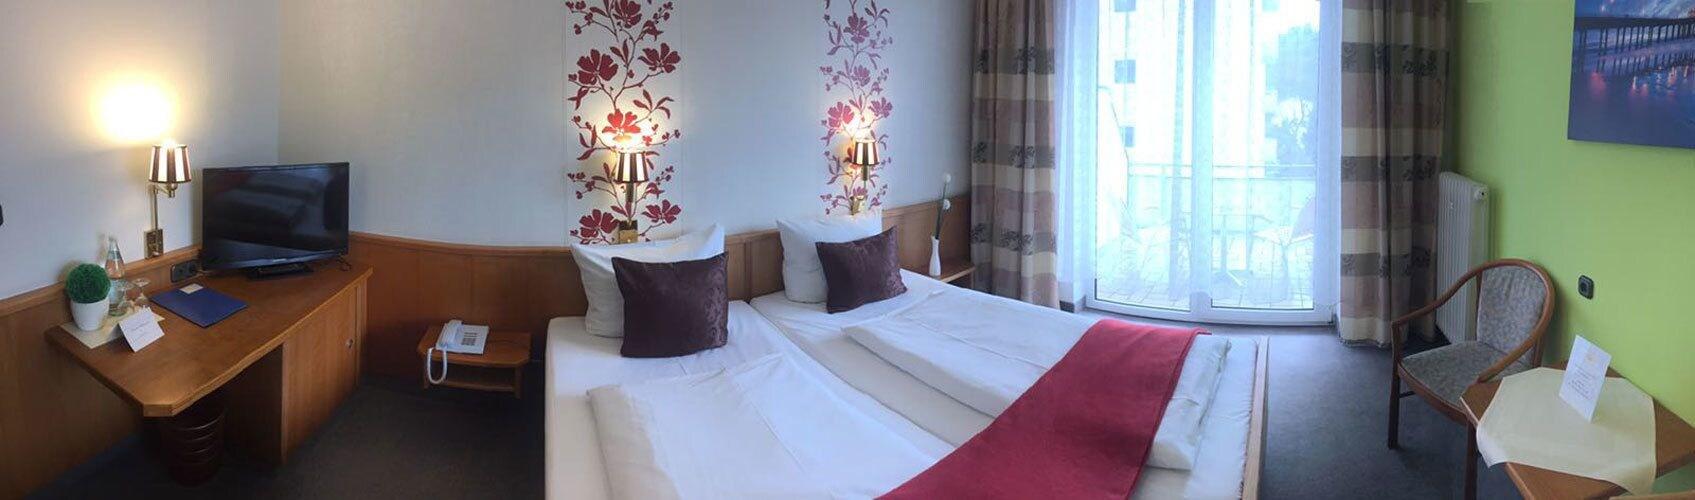 Hotel Krone, Bad Kreuznach